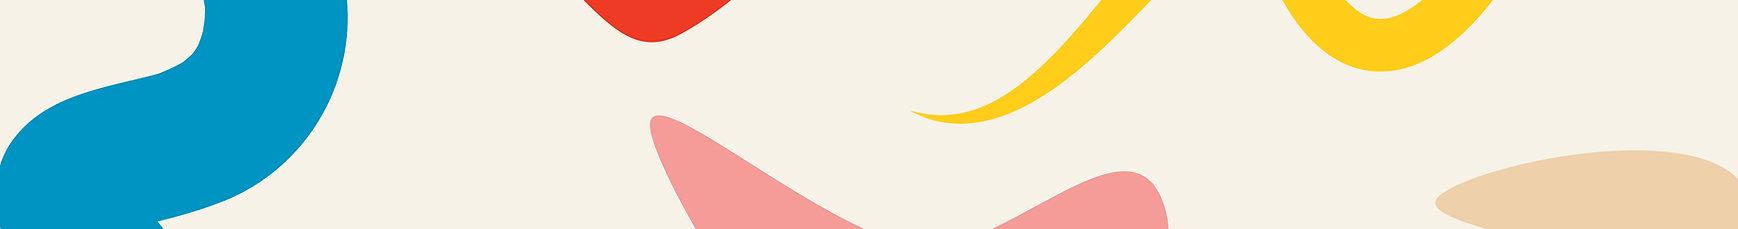 Web_Header-01-01.jpg